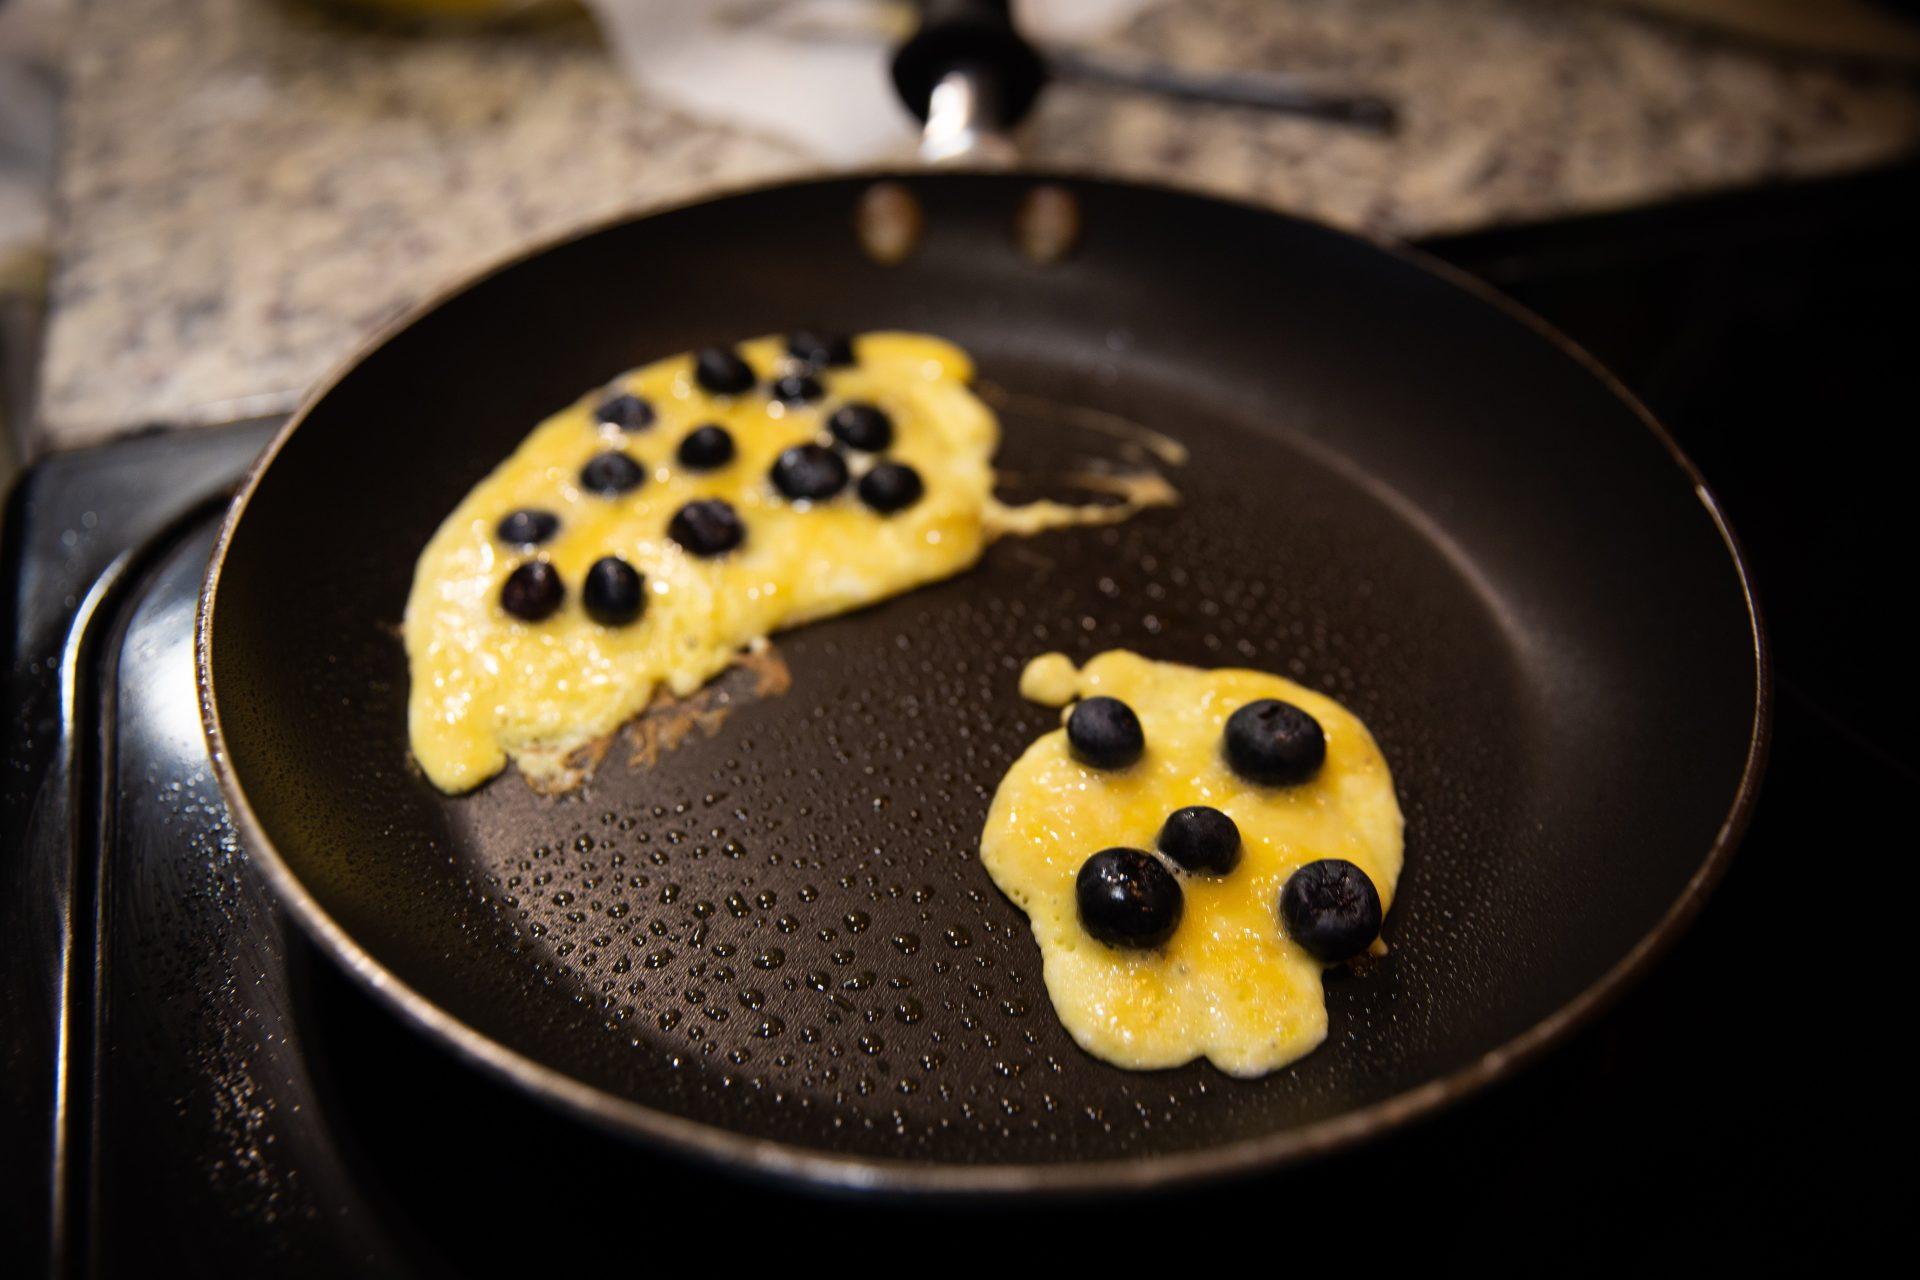 Cooking pancakes.